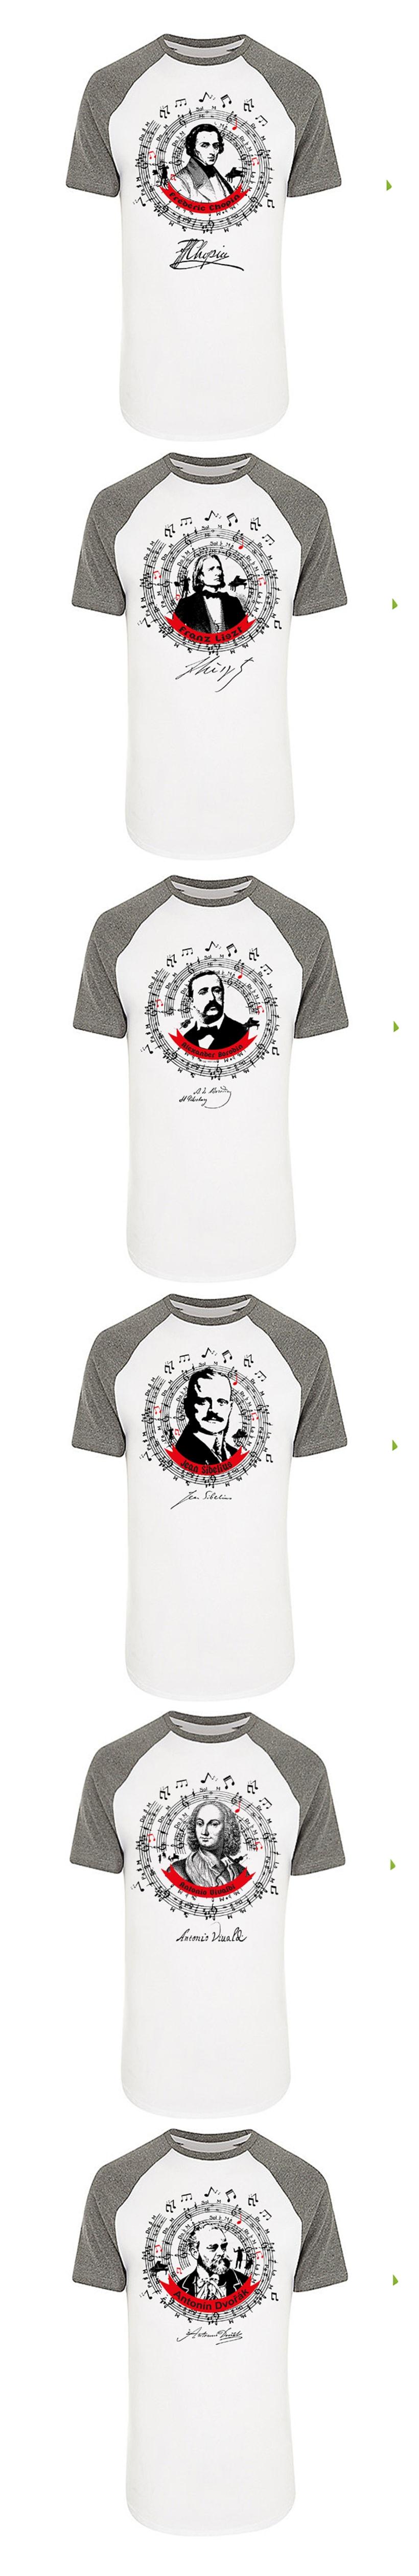 Diseño de camisetas 12